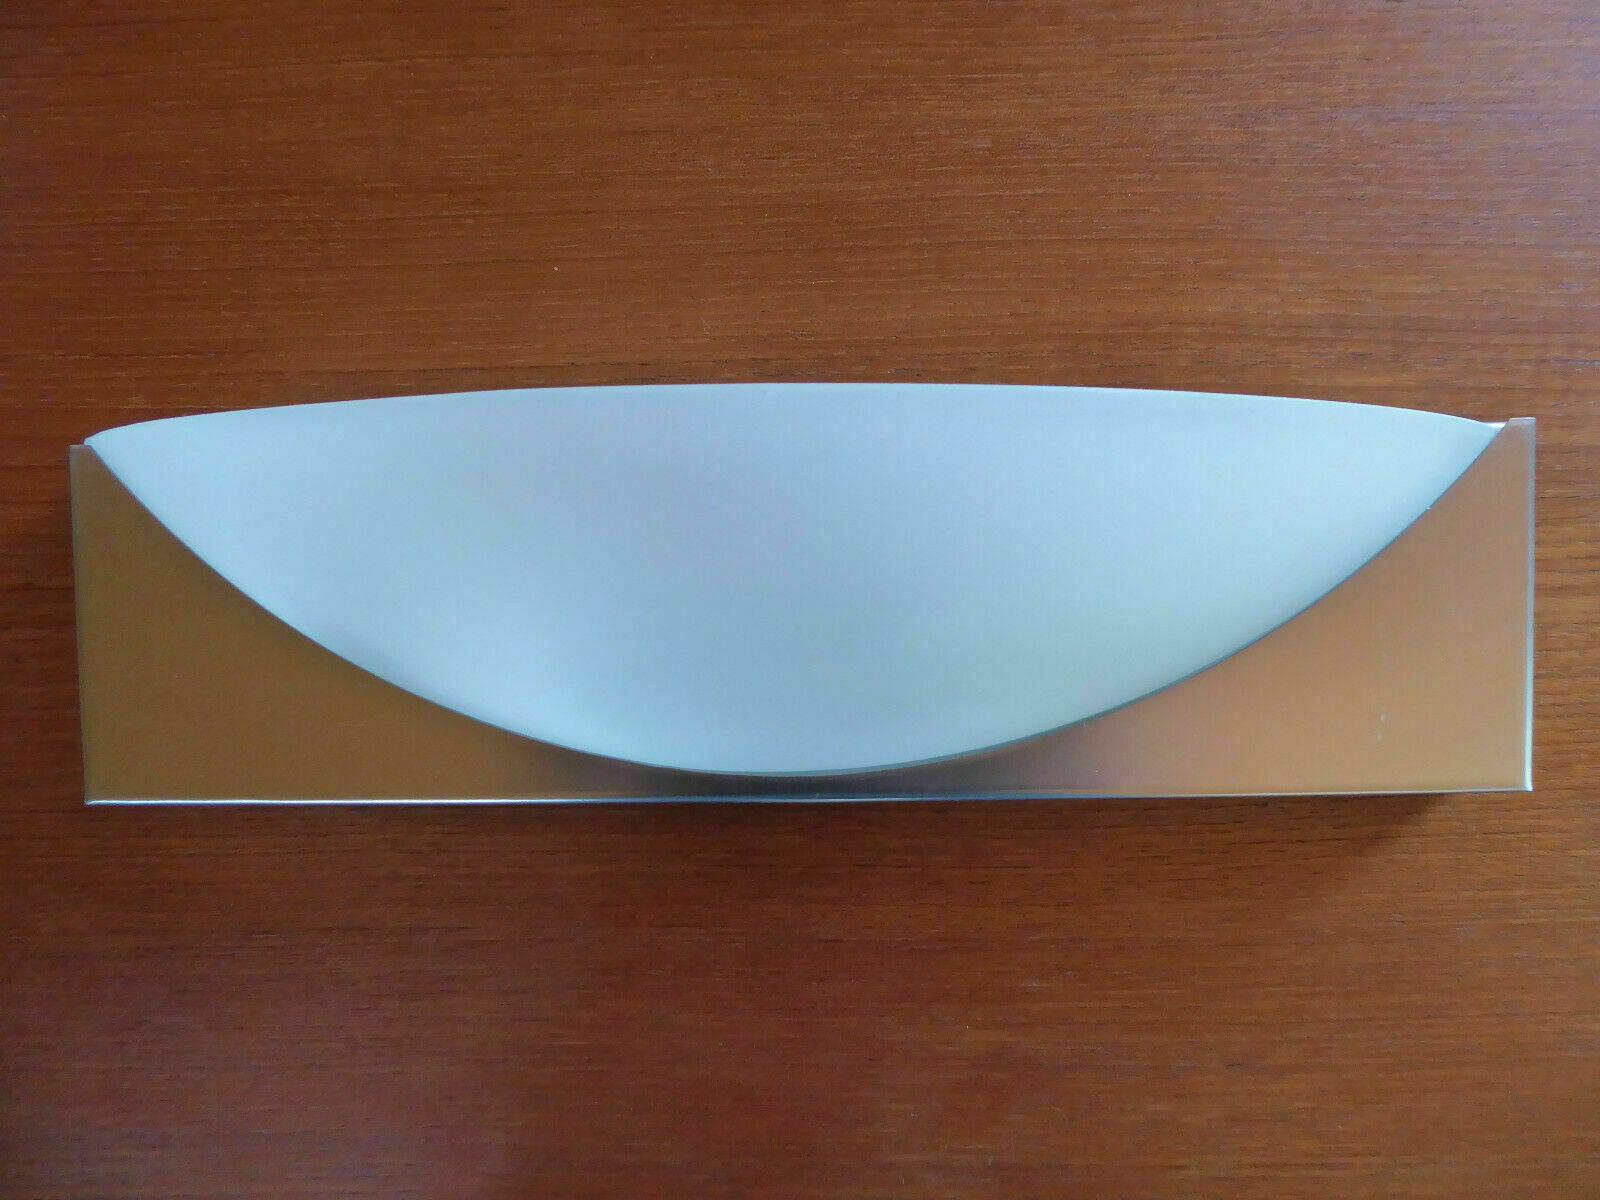 1x Ikea Klaviatur Typ V9707 Ersatzglas Blau